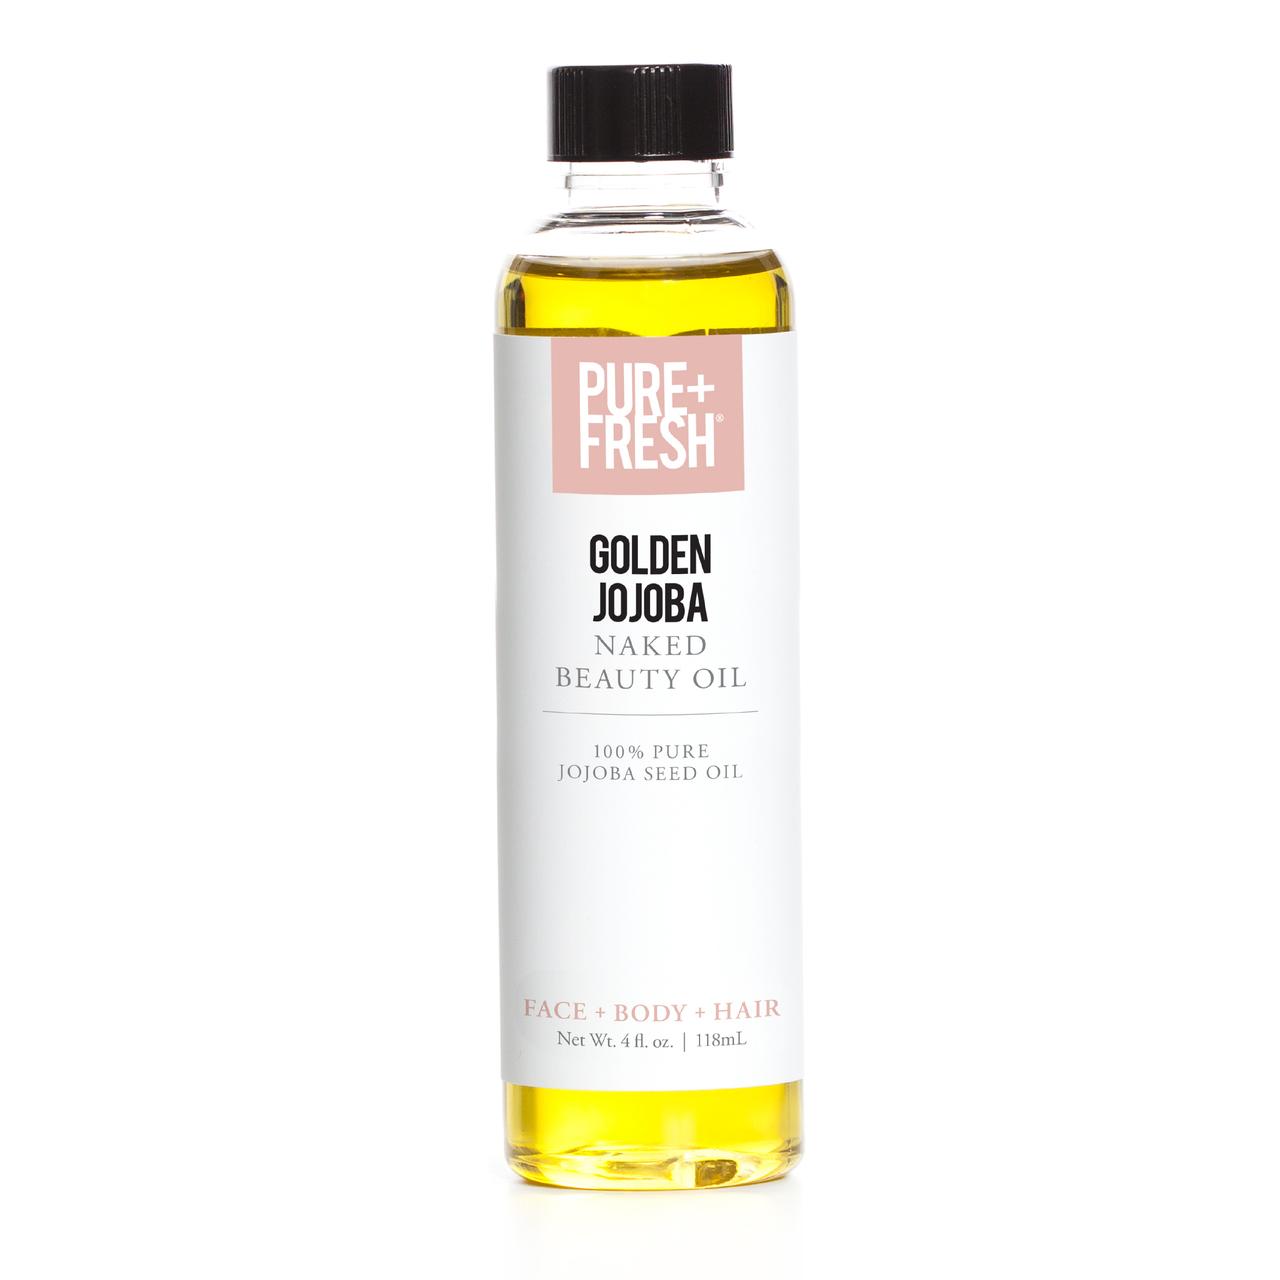 4.0 fl oz. Bottle of Pure+Fresh Fragrance Free Golden Jojoba Oil